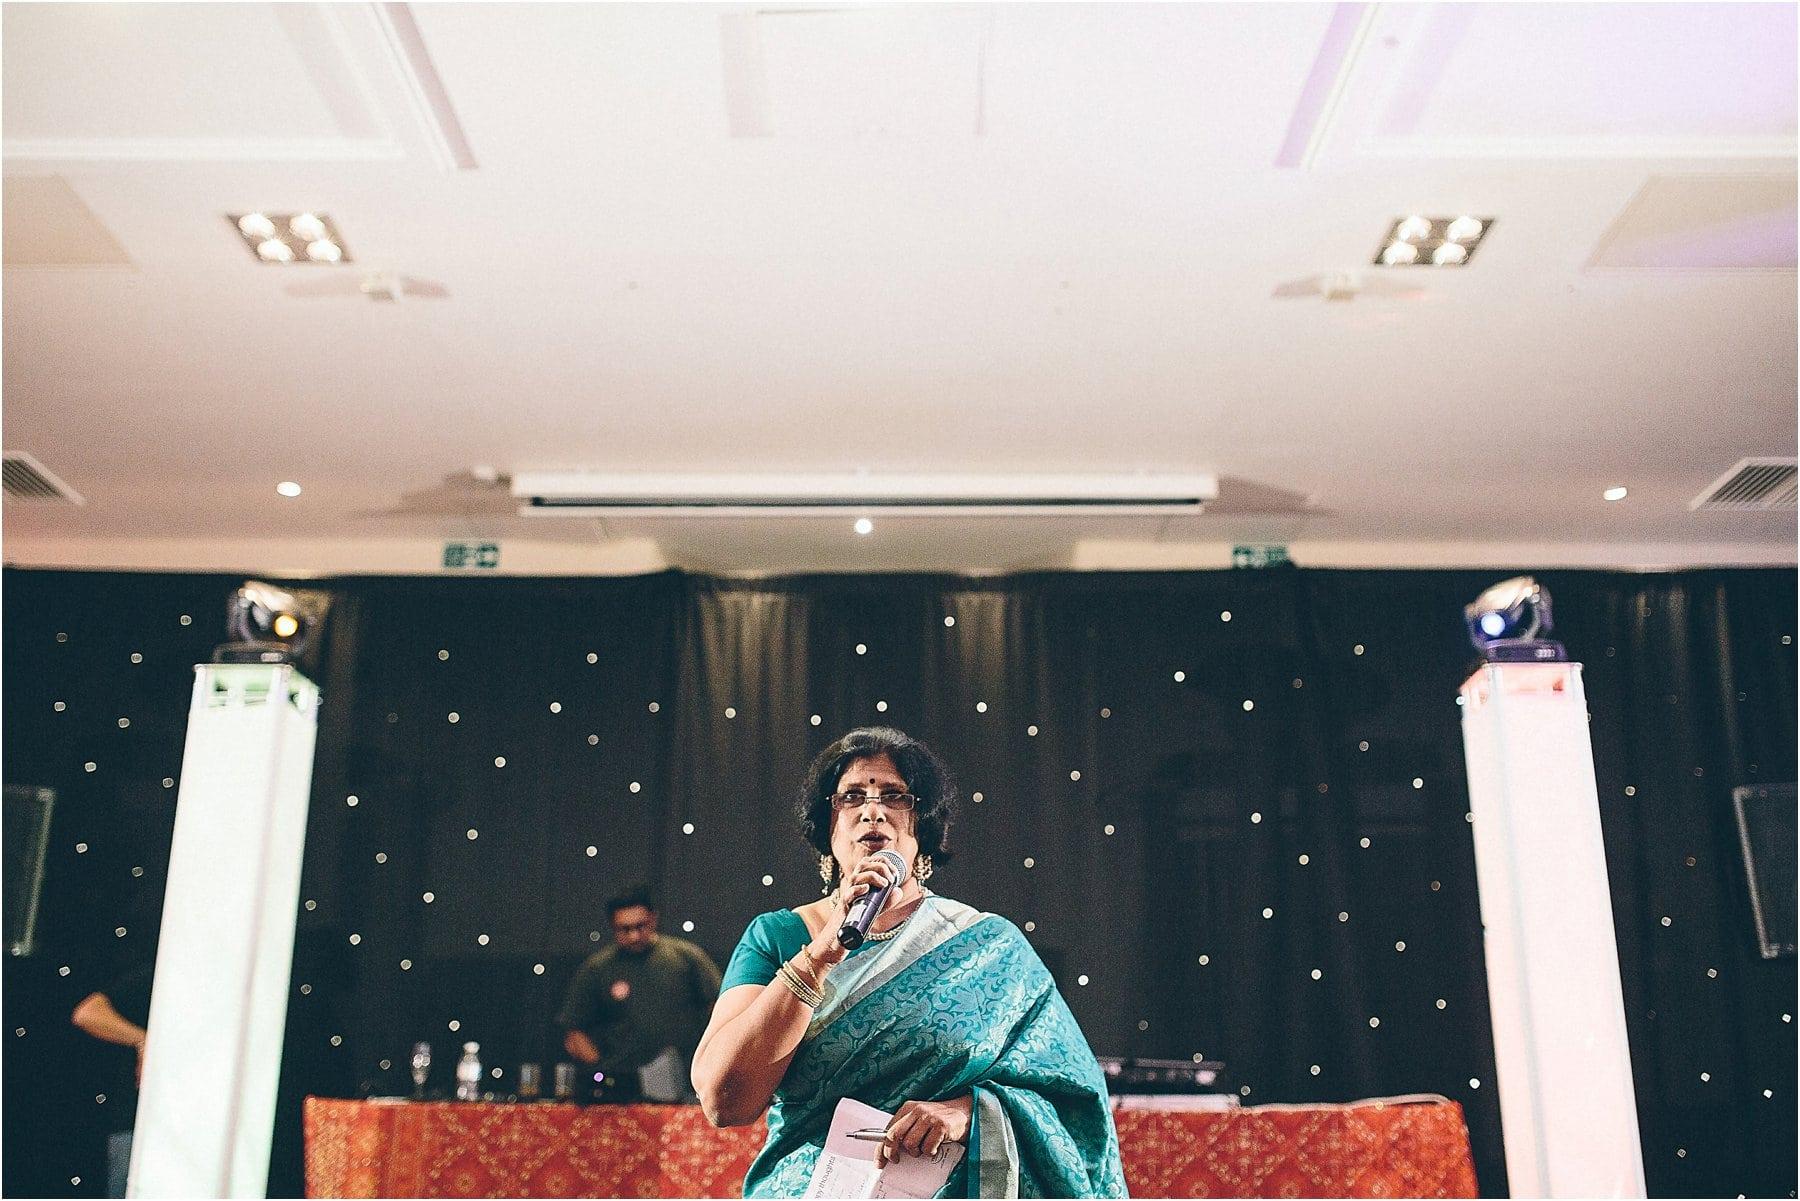 Lancashire_Indian_Wedding_Photography_0012